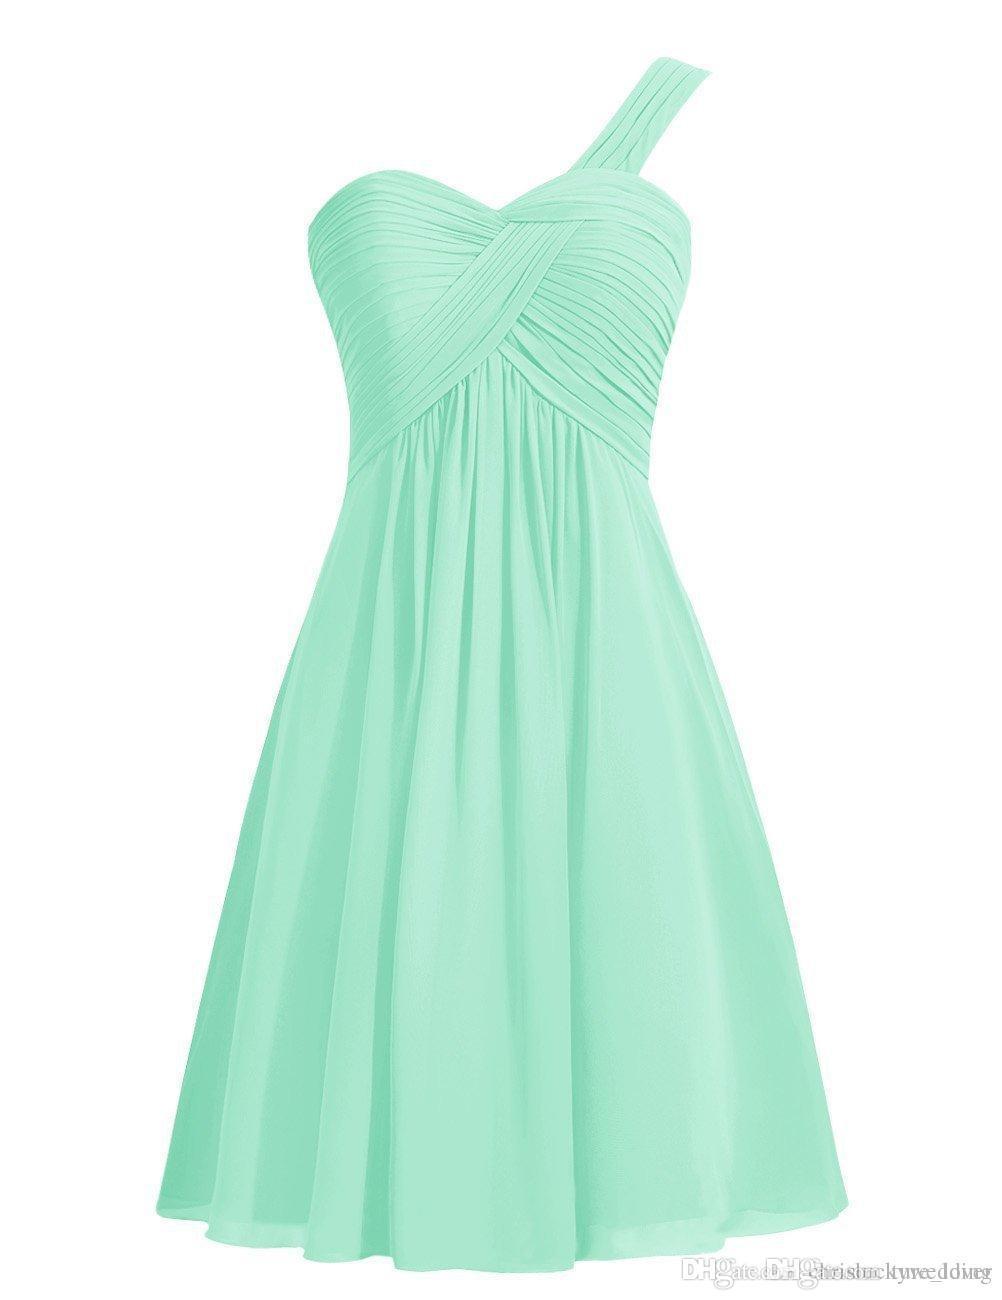 Mint Verde 2017 Barato A Linha Dama de Honra Vestidos Chiffon Rosa Um-Ombro Convidado Do Casamento Vestidos de Festa Vestidos de Dama de Honra Sob 100